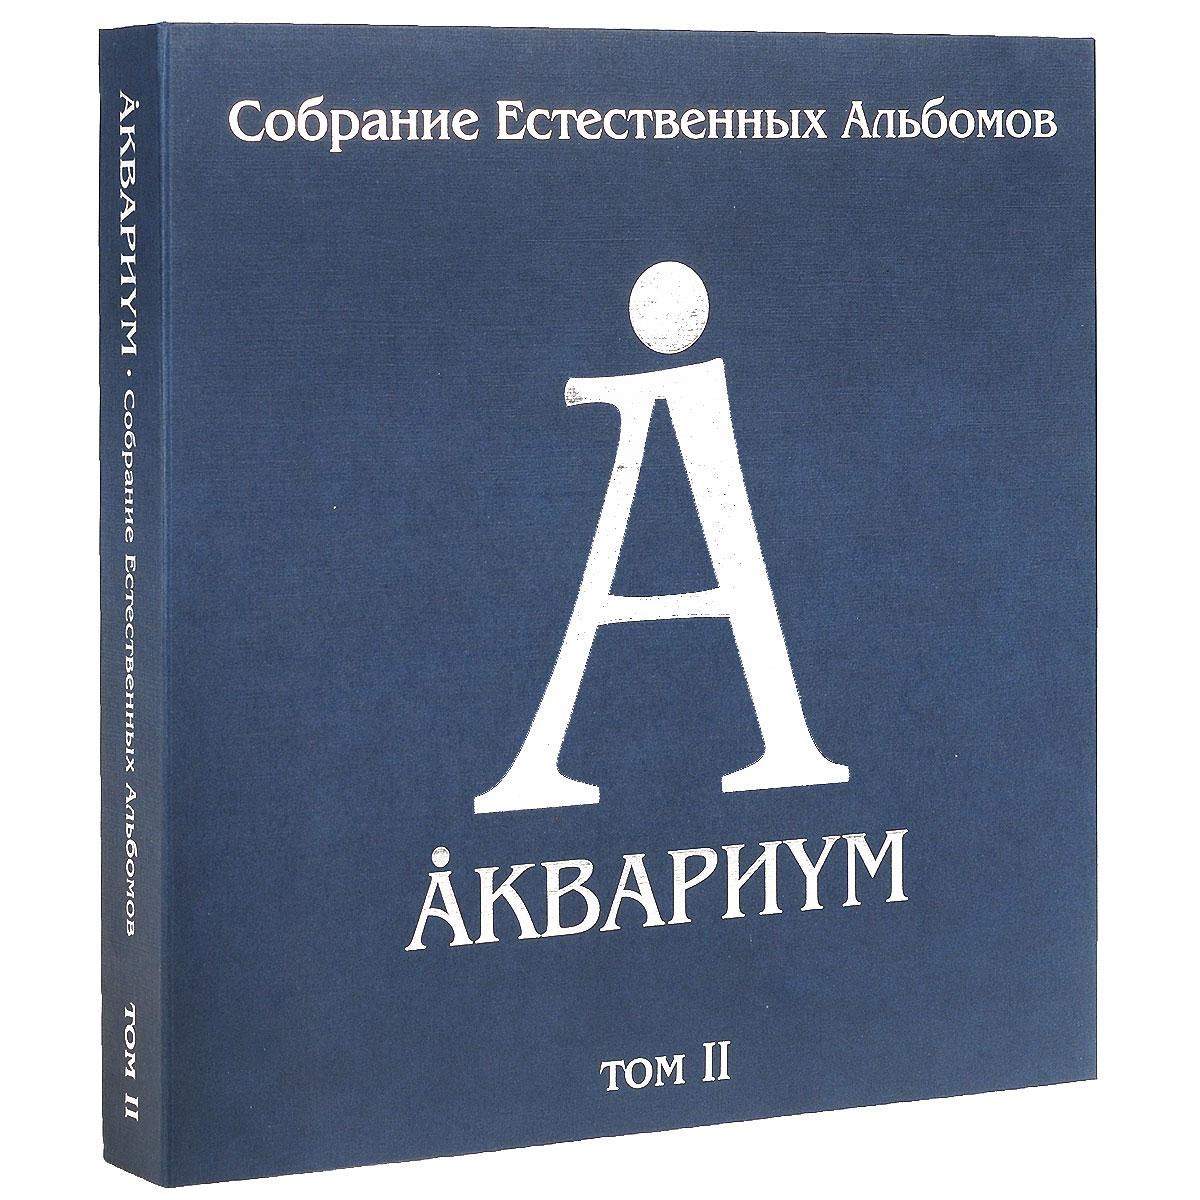 Аквариум Аквариум. Собрание естественных альбомов. Том II (5 LP) аквариум соль купить